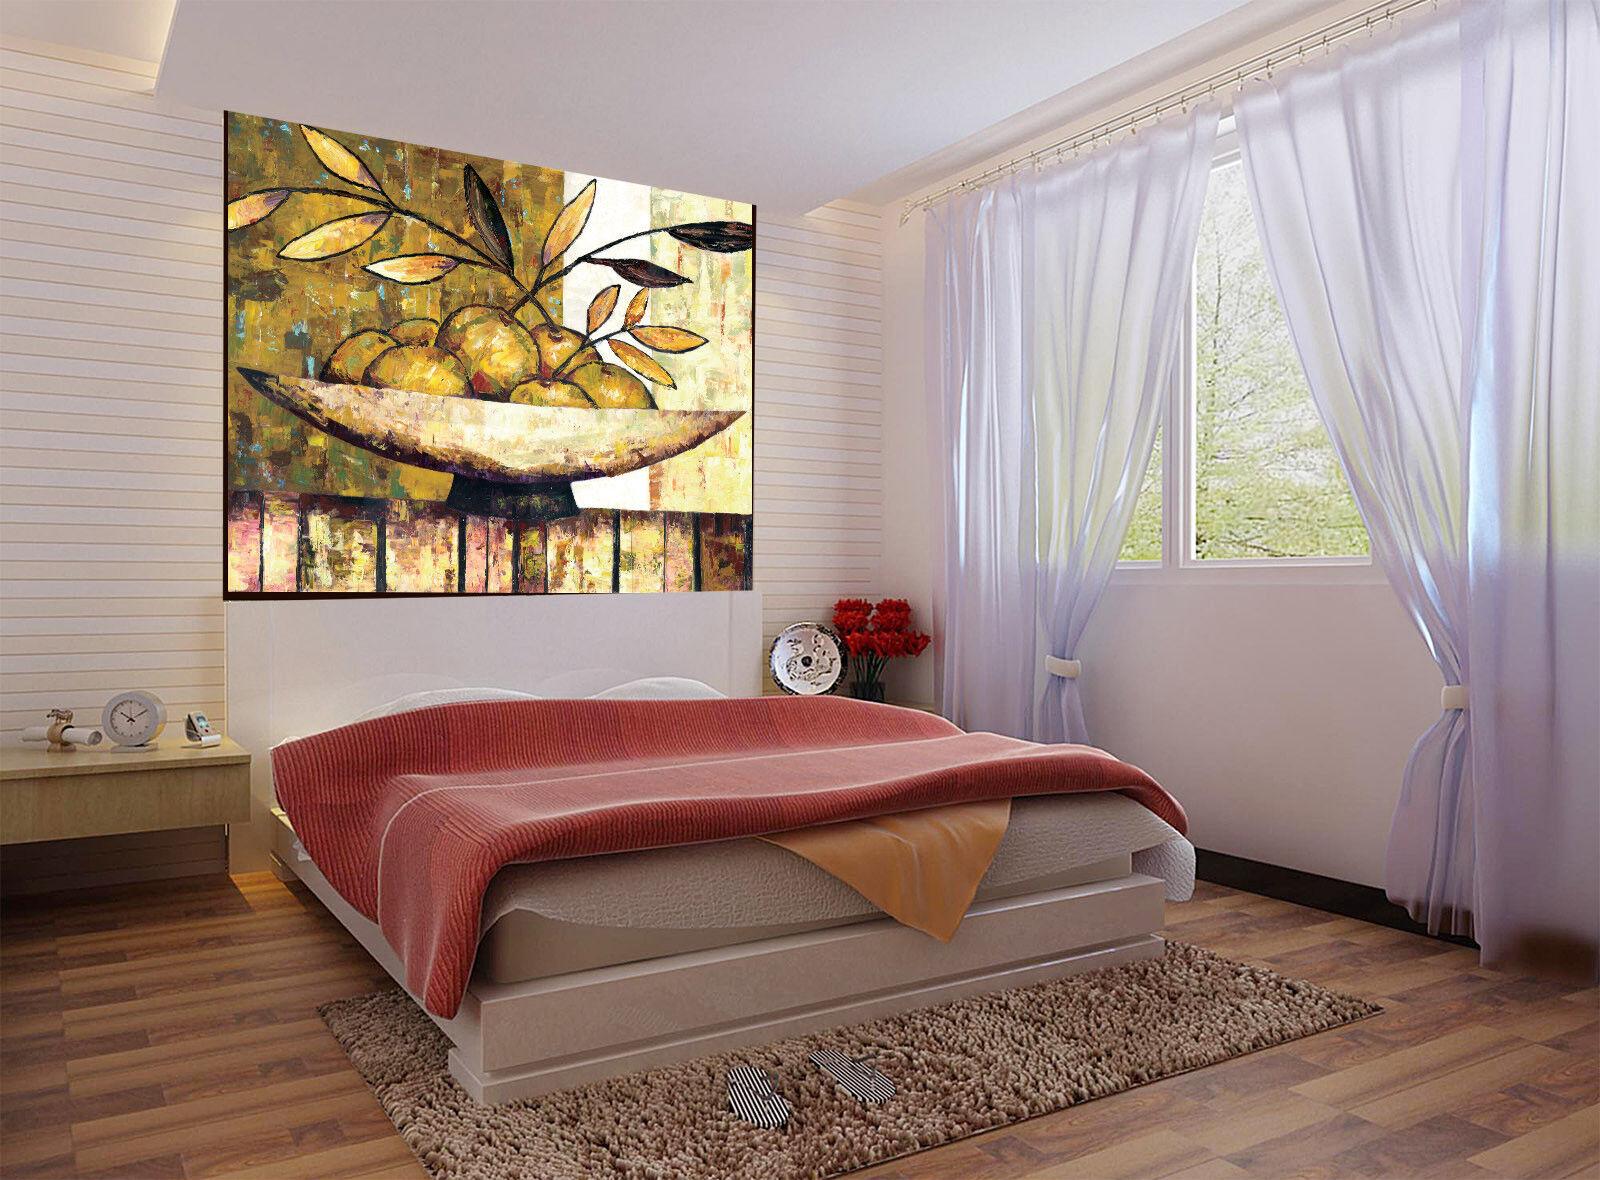 3D Obst Ölgemälde 743 Tapete Wandgemälde Tapete Tapeten Bild Familie DE Summer | Moderne und elegante Mode  | Creative  | Genialität